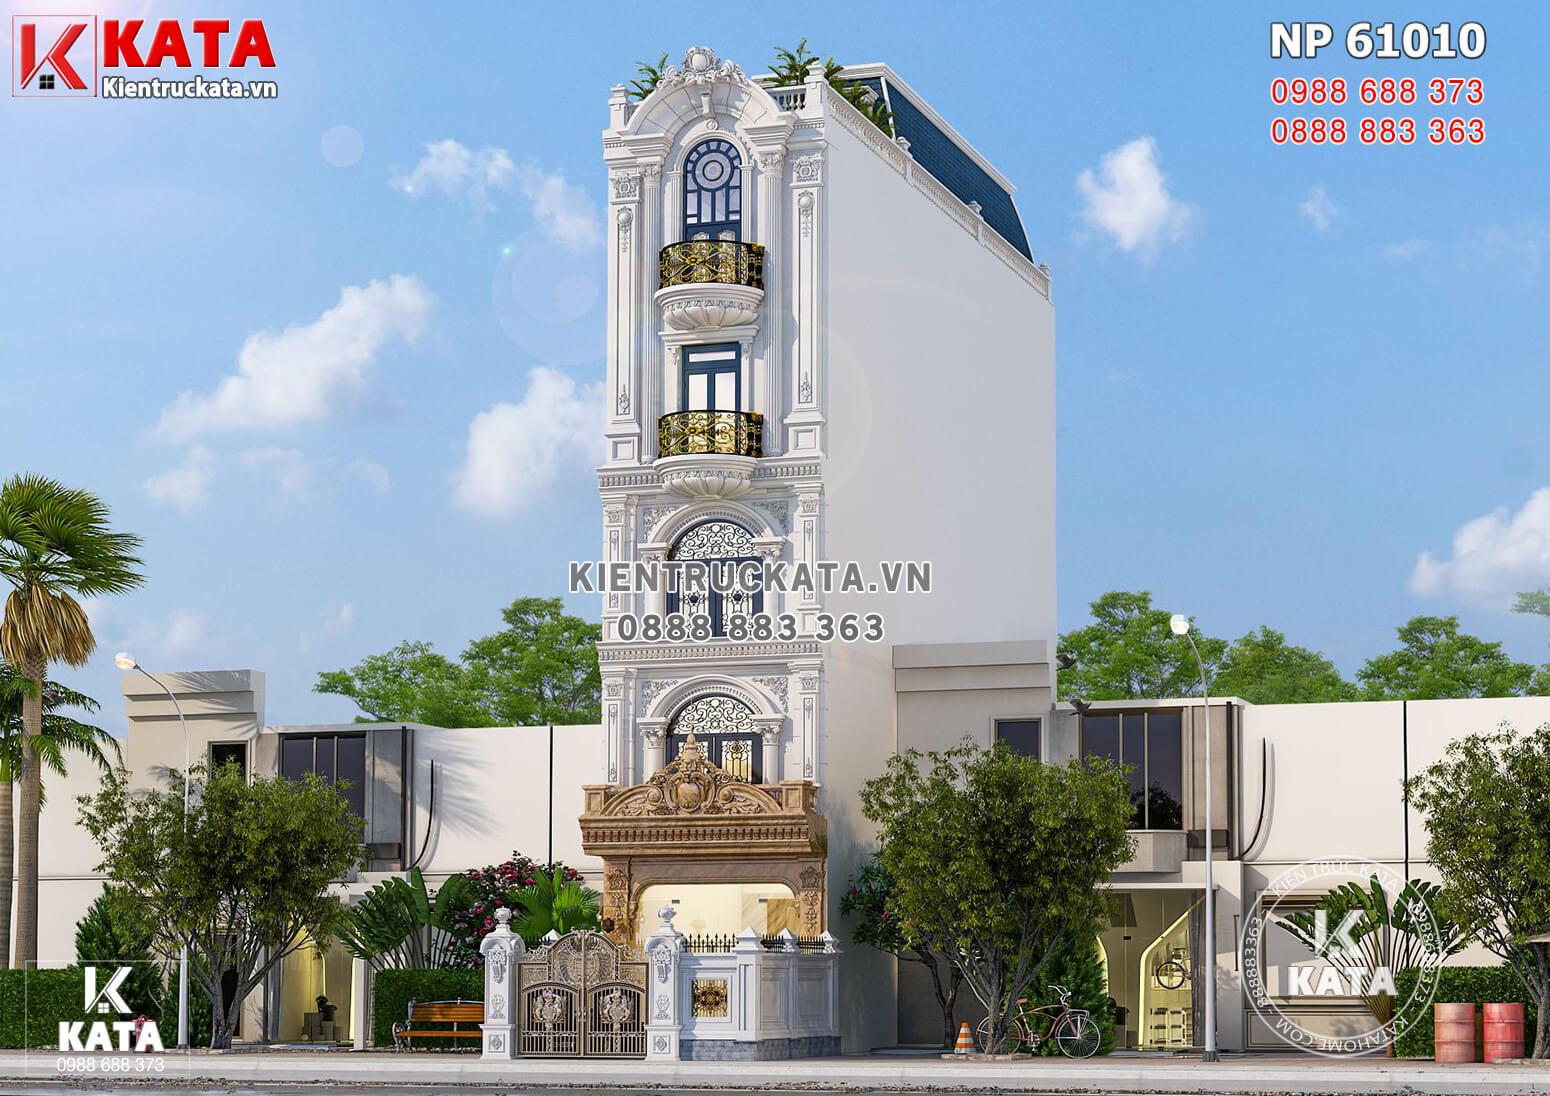 Thiết kế nhà phố 5 tầng tân cổ điển mặt tiền 4m đẹp tại Đông Anh - Mã số: NP 61010